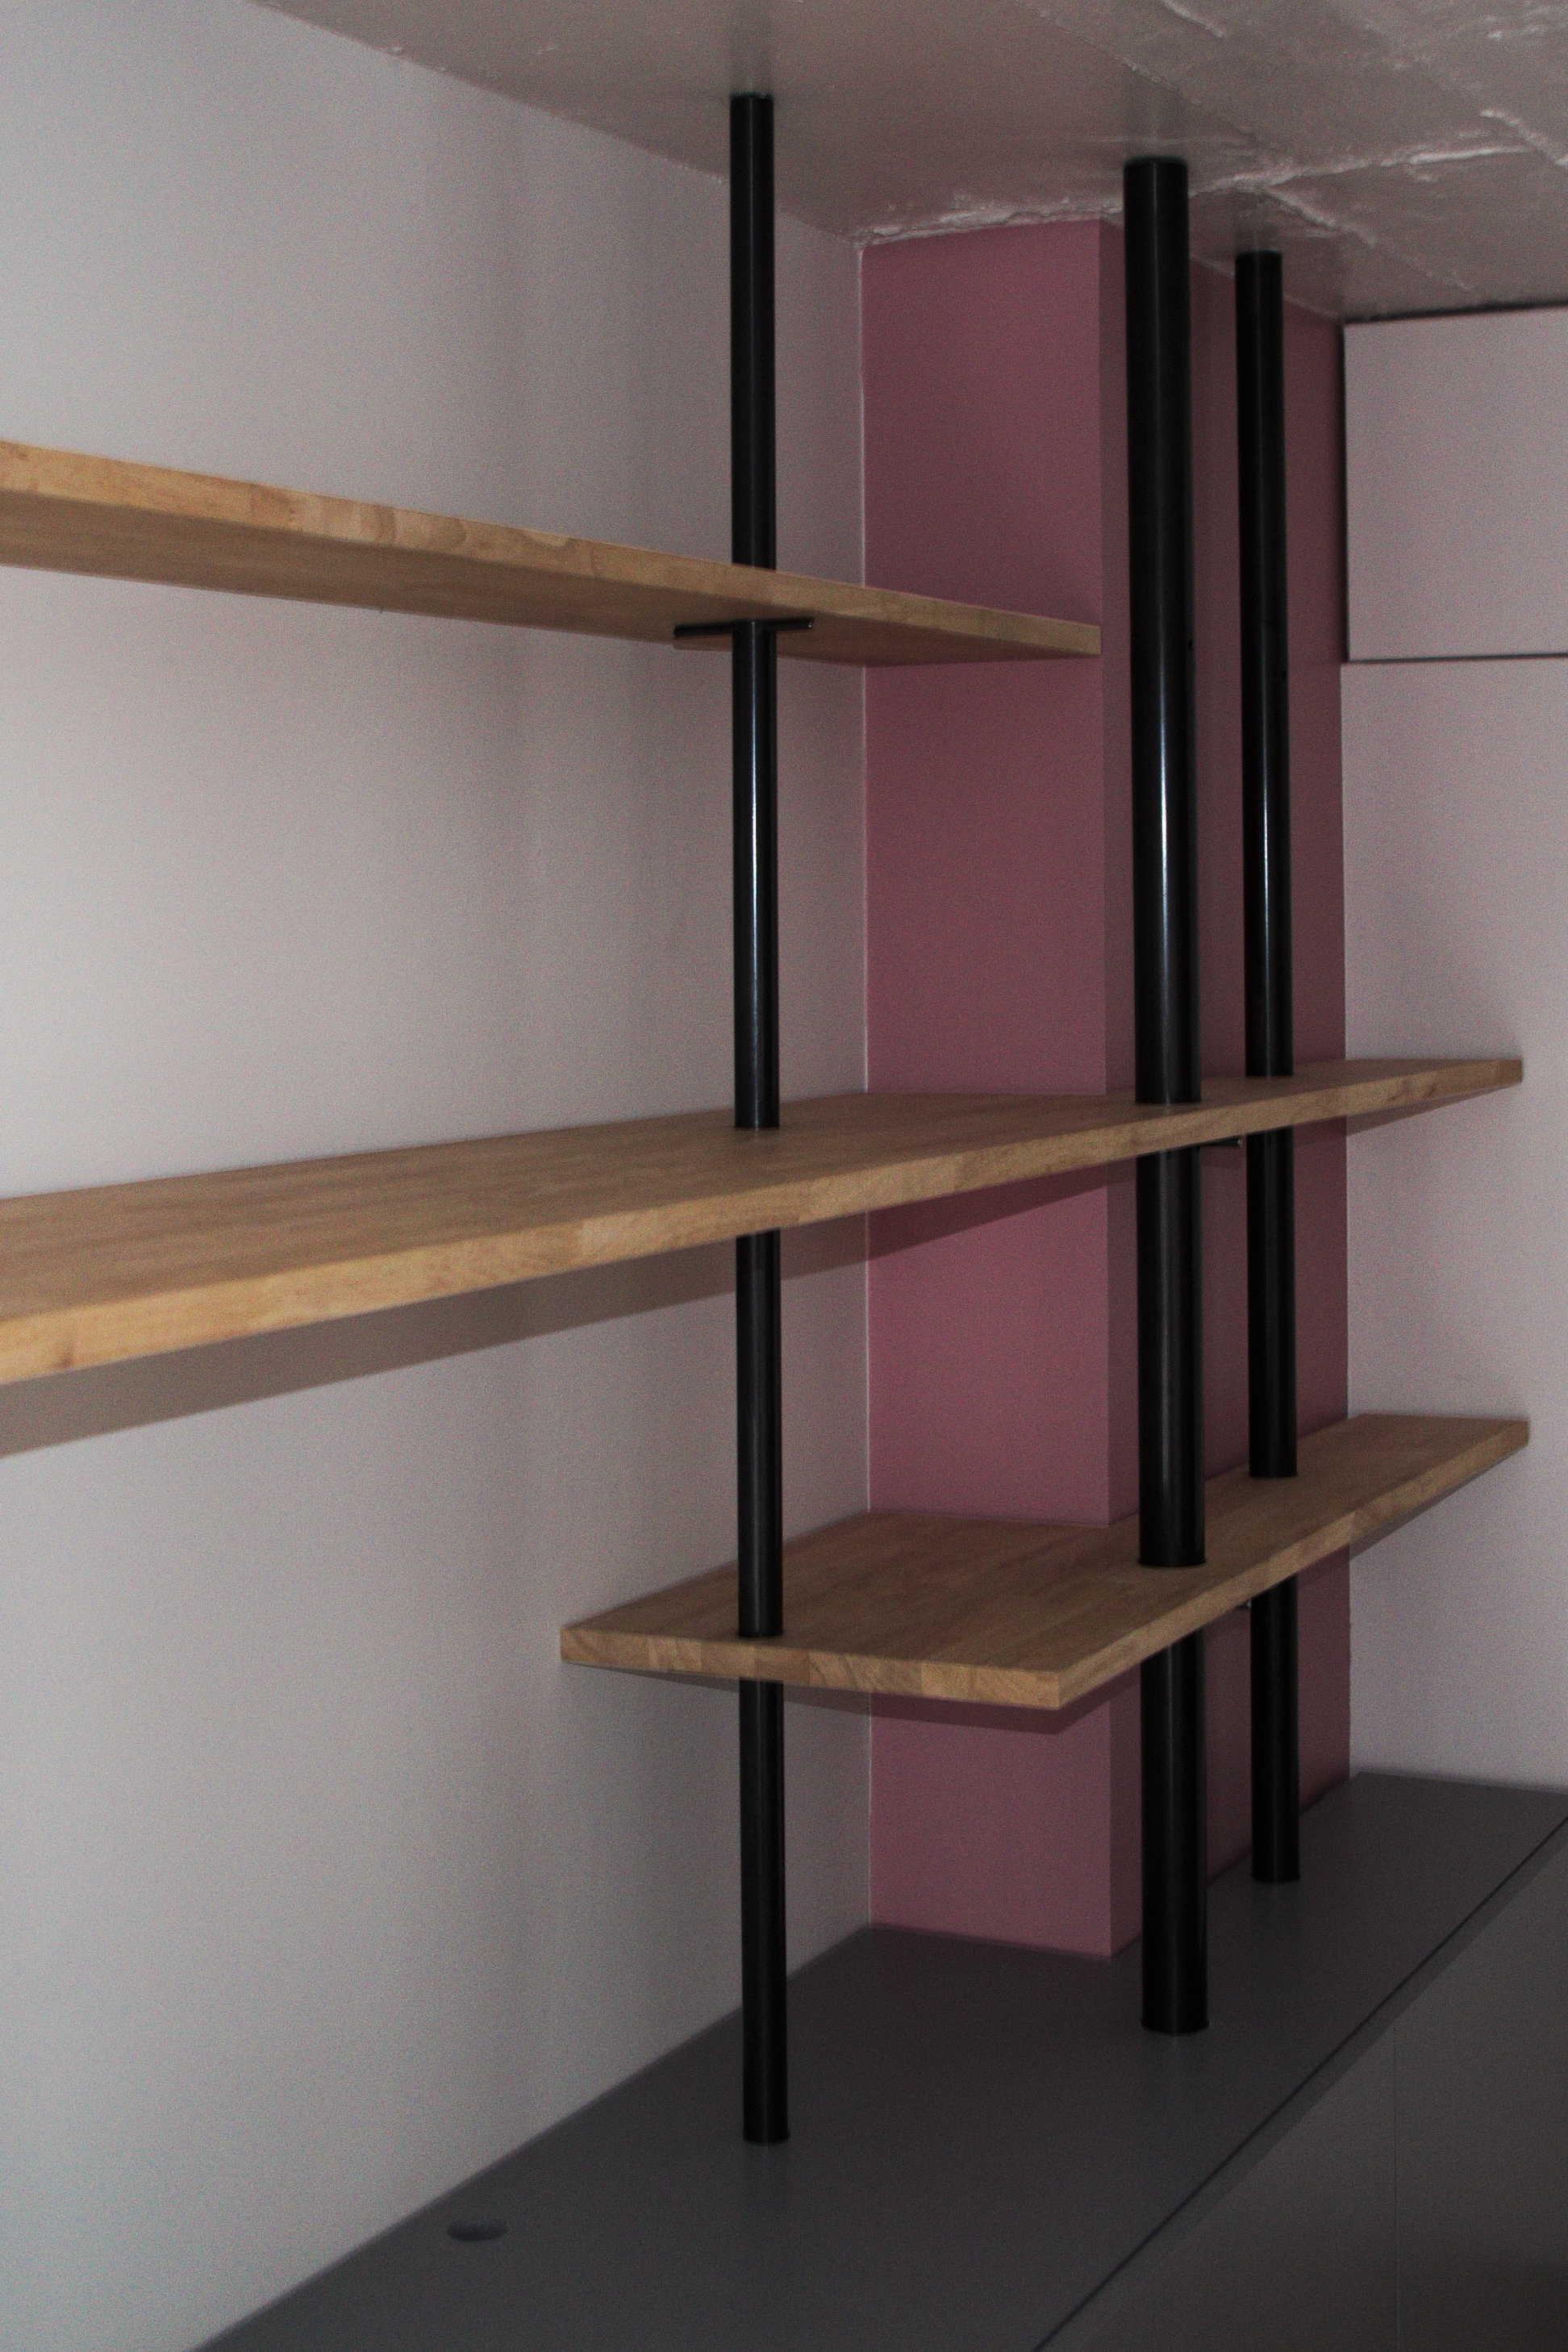 etag re gr thibaut defrance thibaut defrance menuiserie et d coration d 39 int rieur. Black Bedroom Furniture Sets. Home Design Ideas